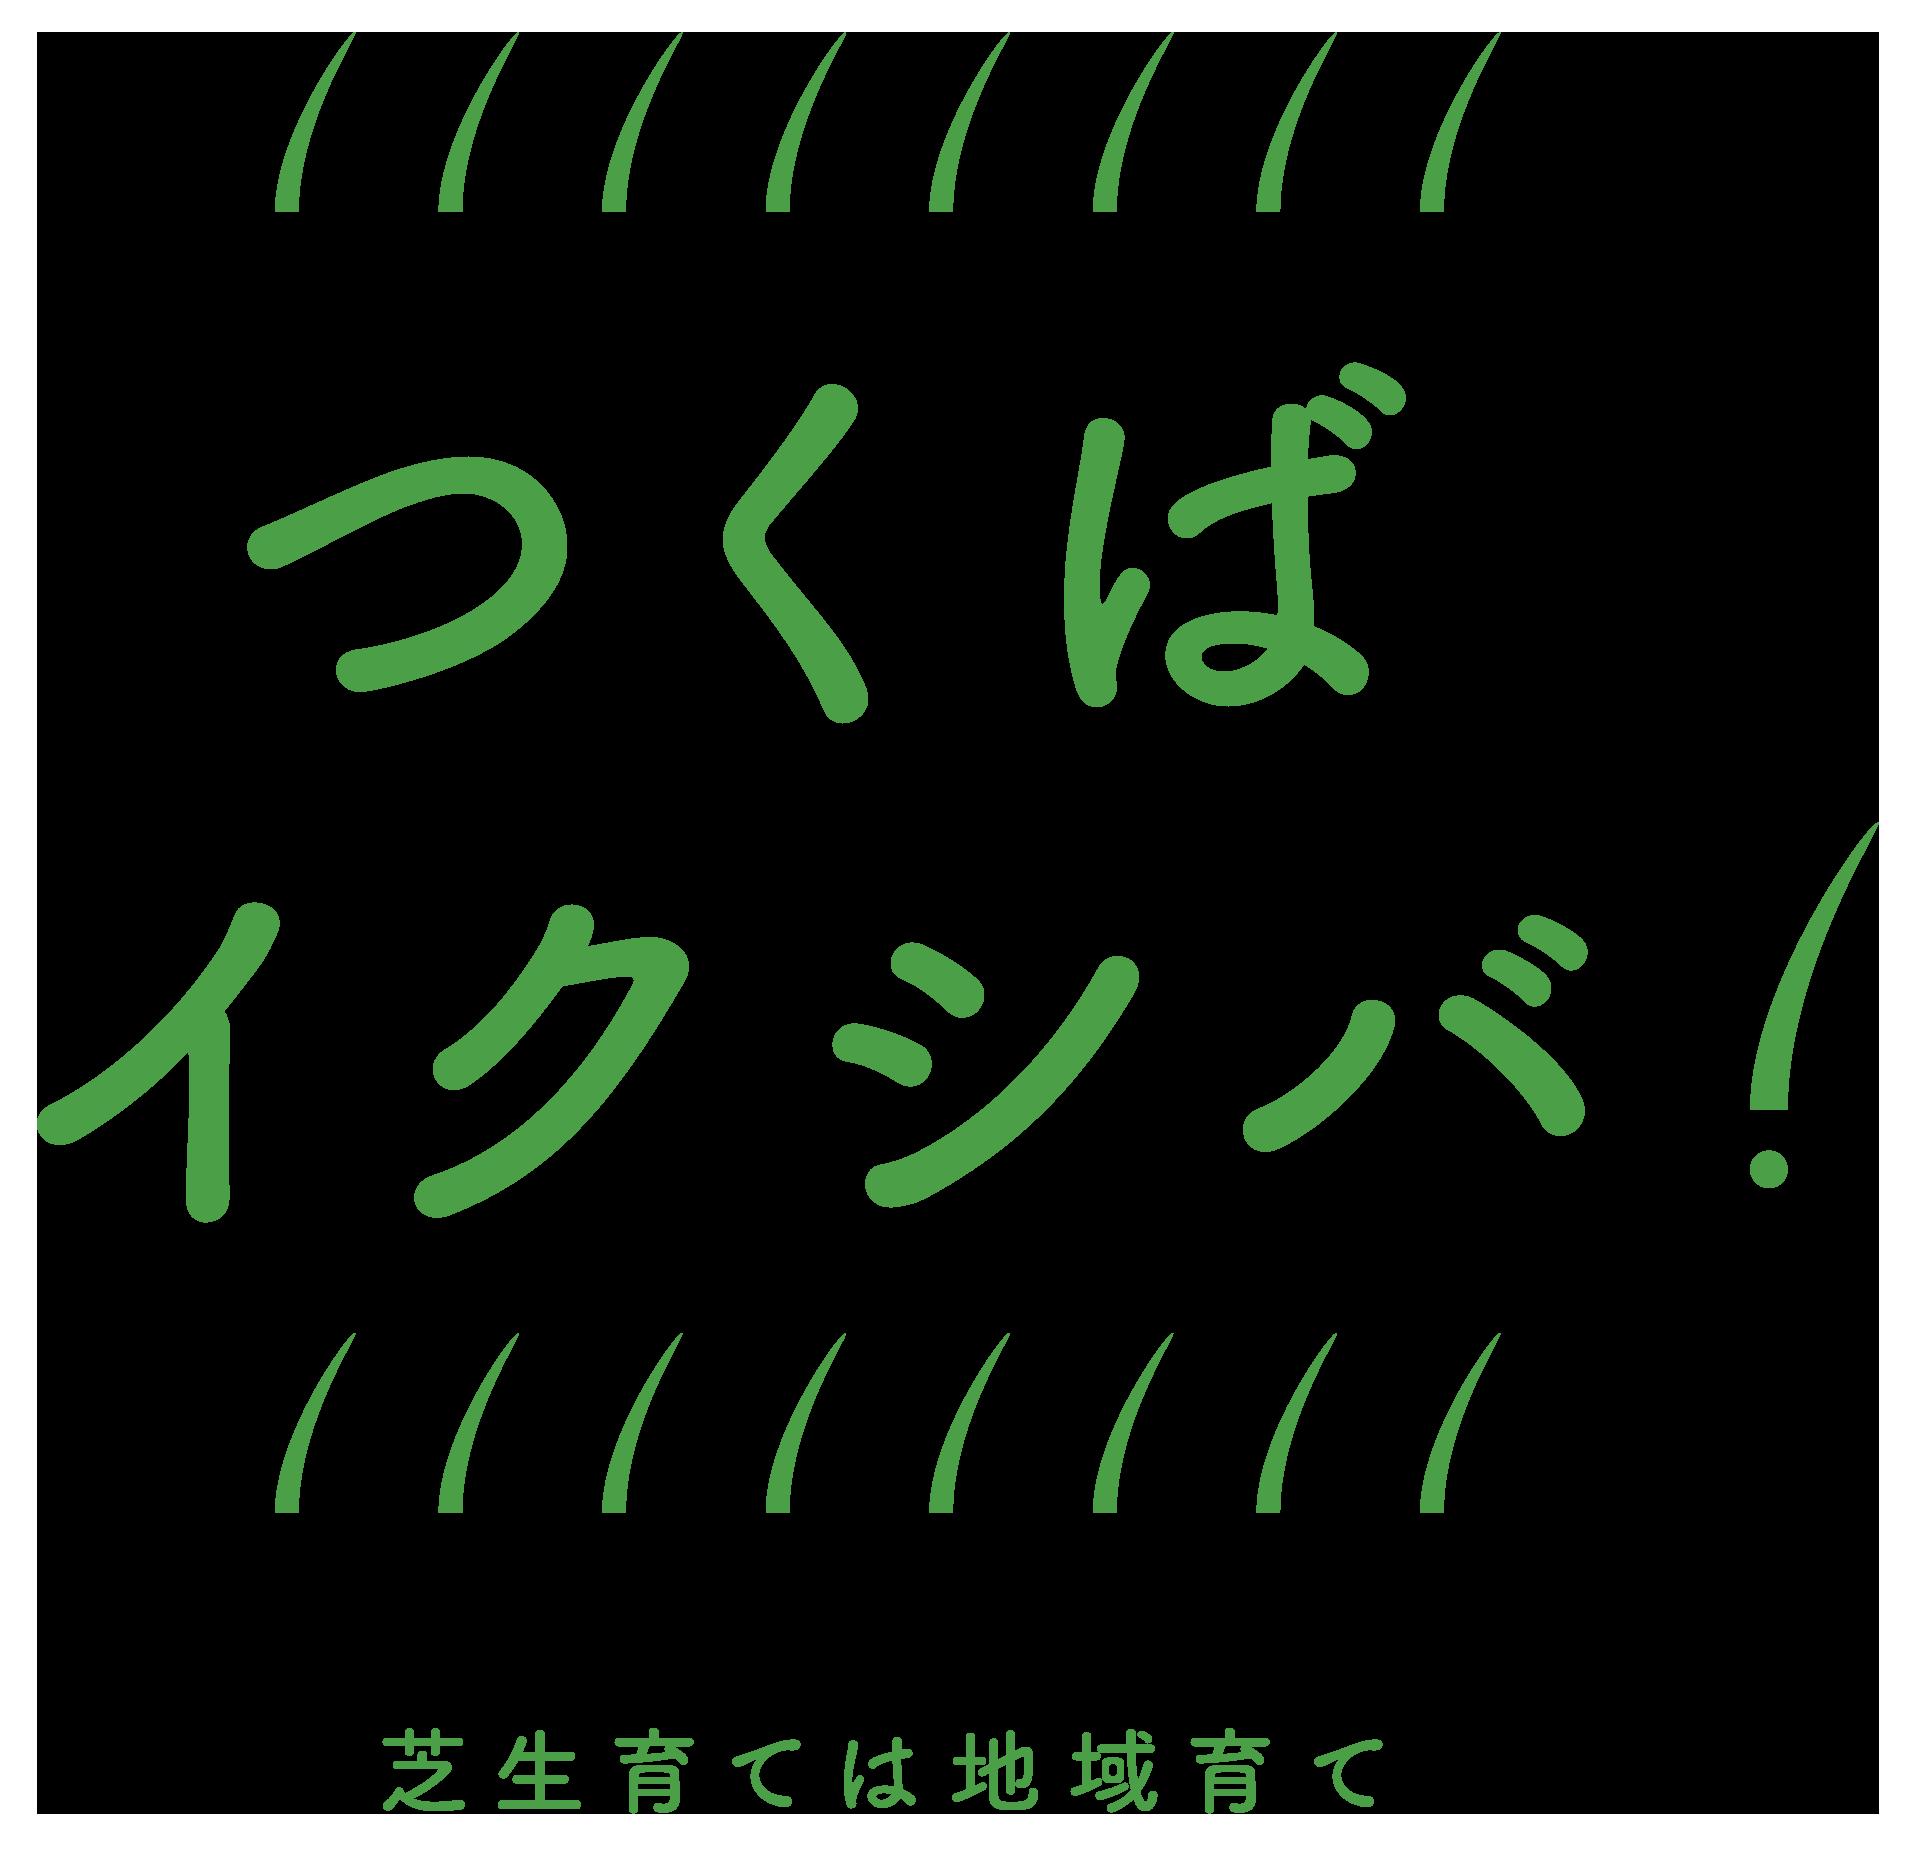 「メデイア掲載」常陽リビング2020年8月1日号掲載